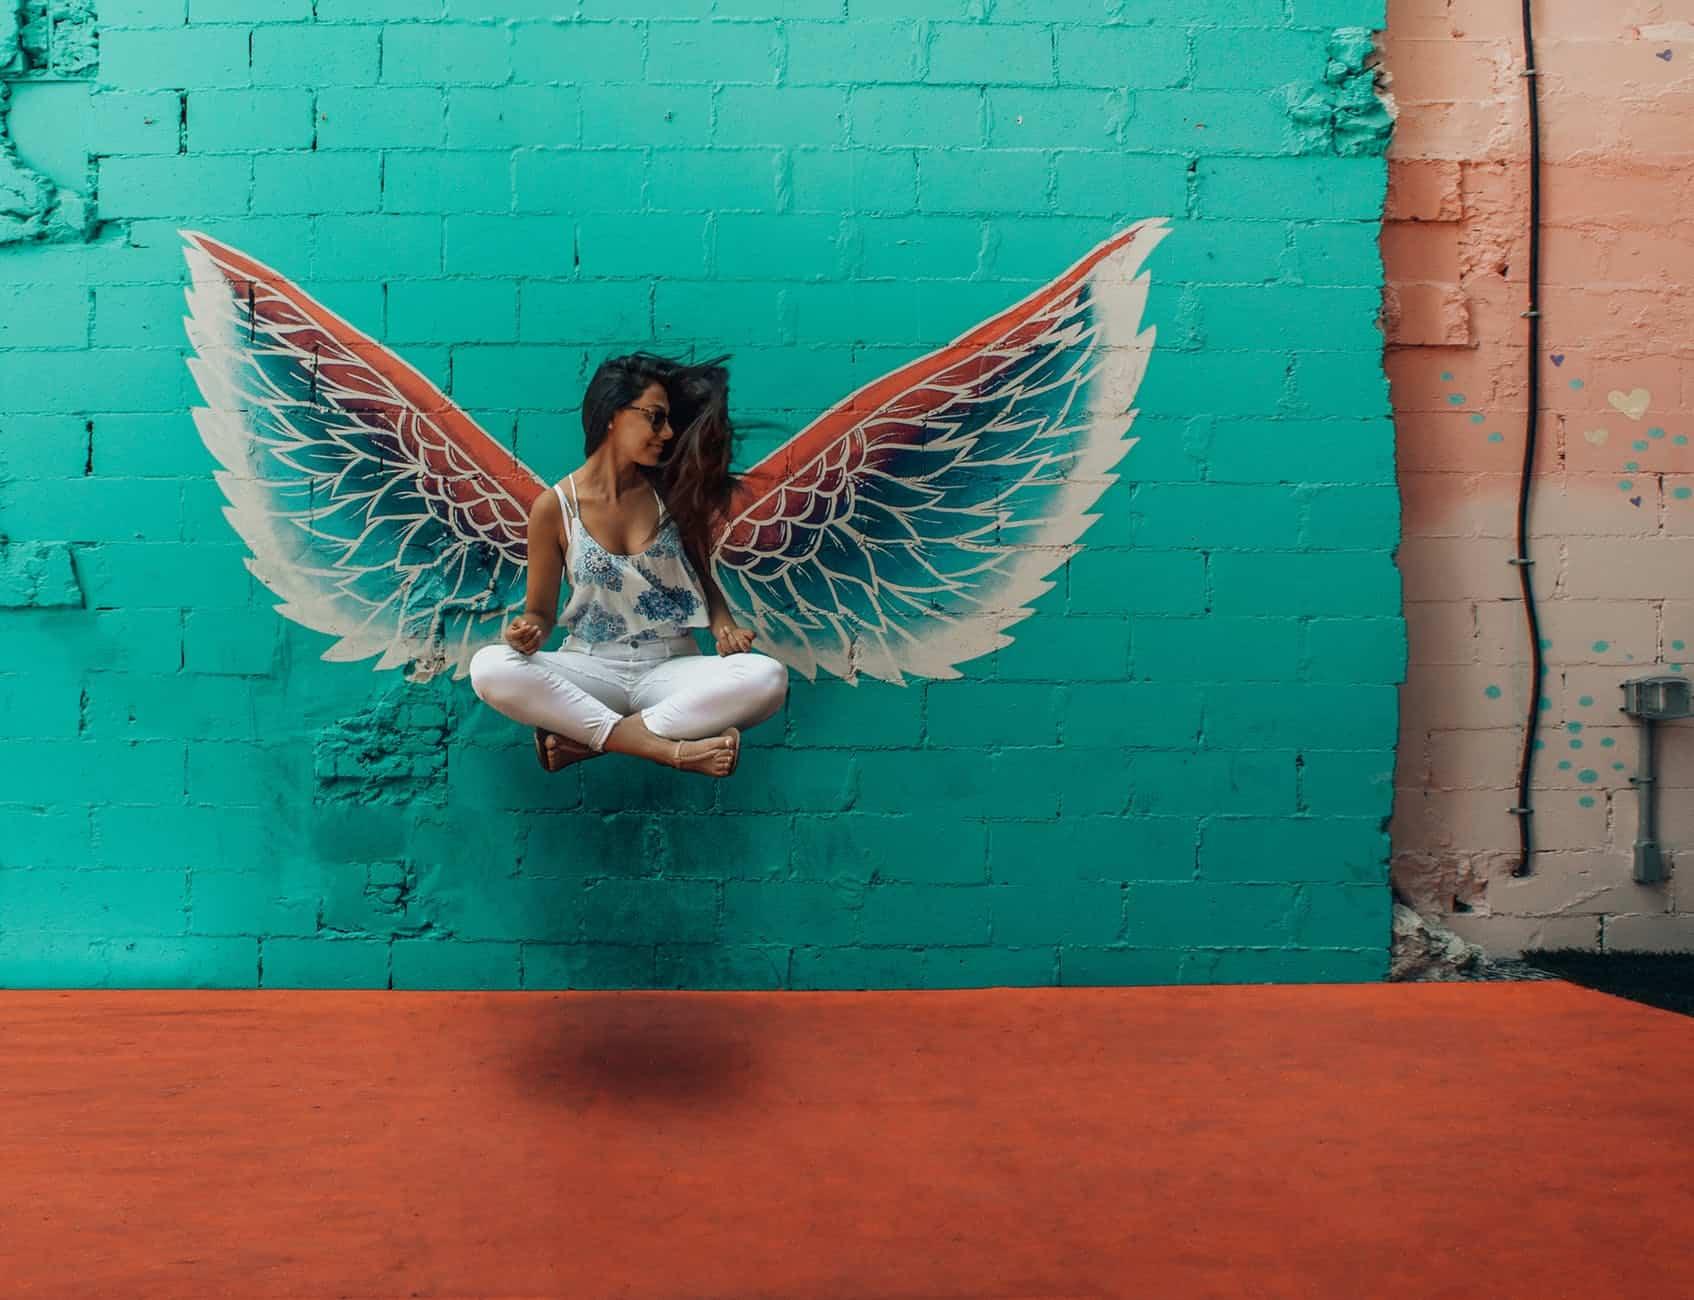 1616 на часах значение ангелов